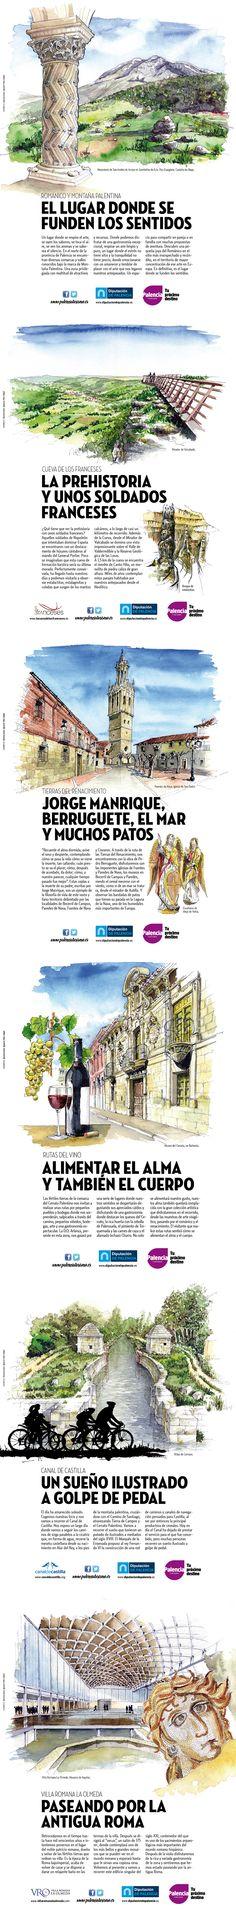 Publicidad para turismo de Palencia. Mayo de 2015.